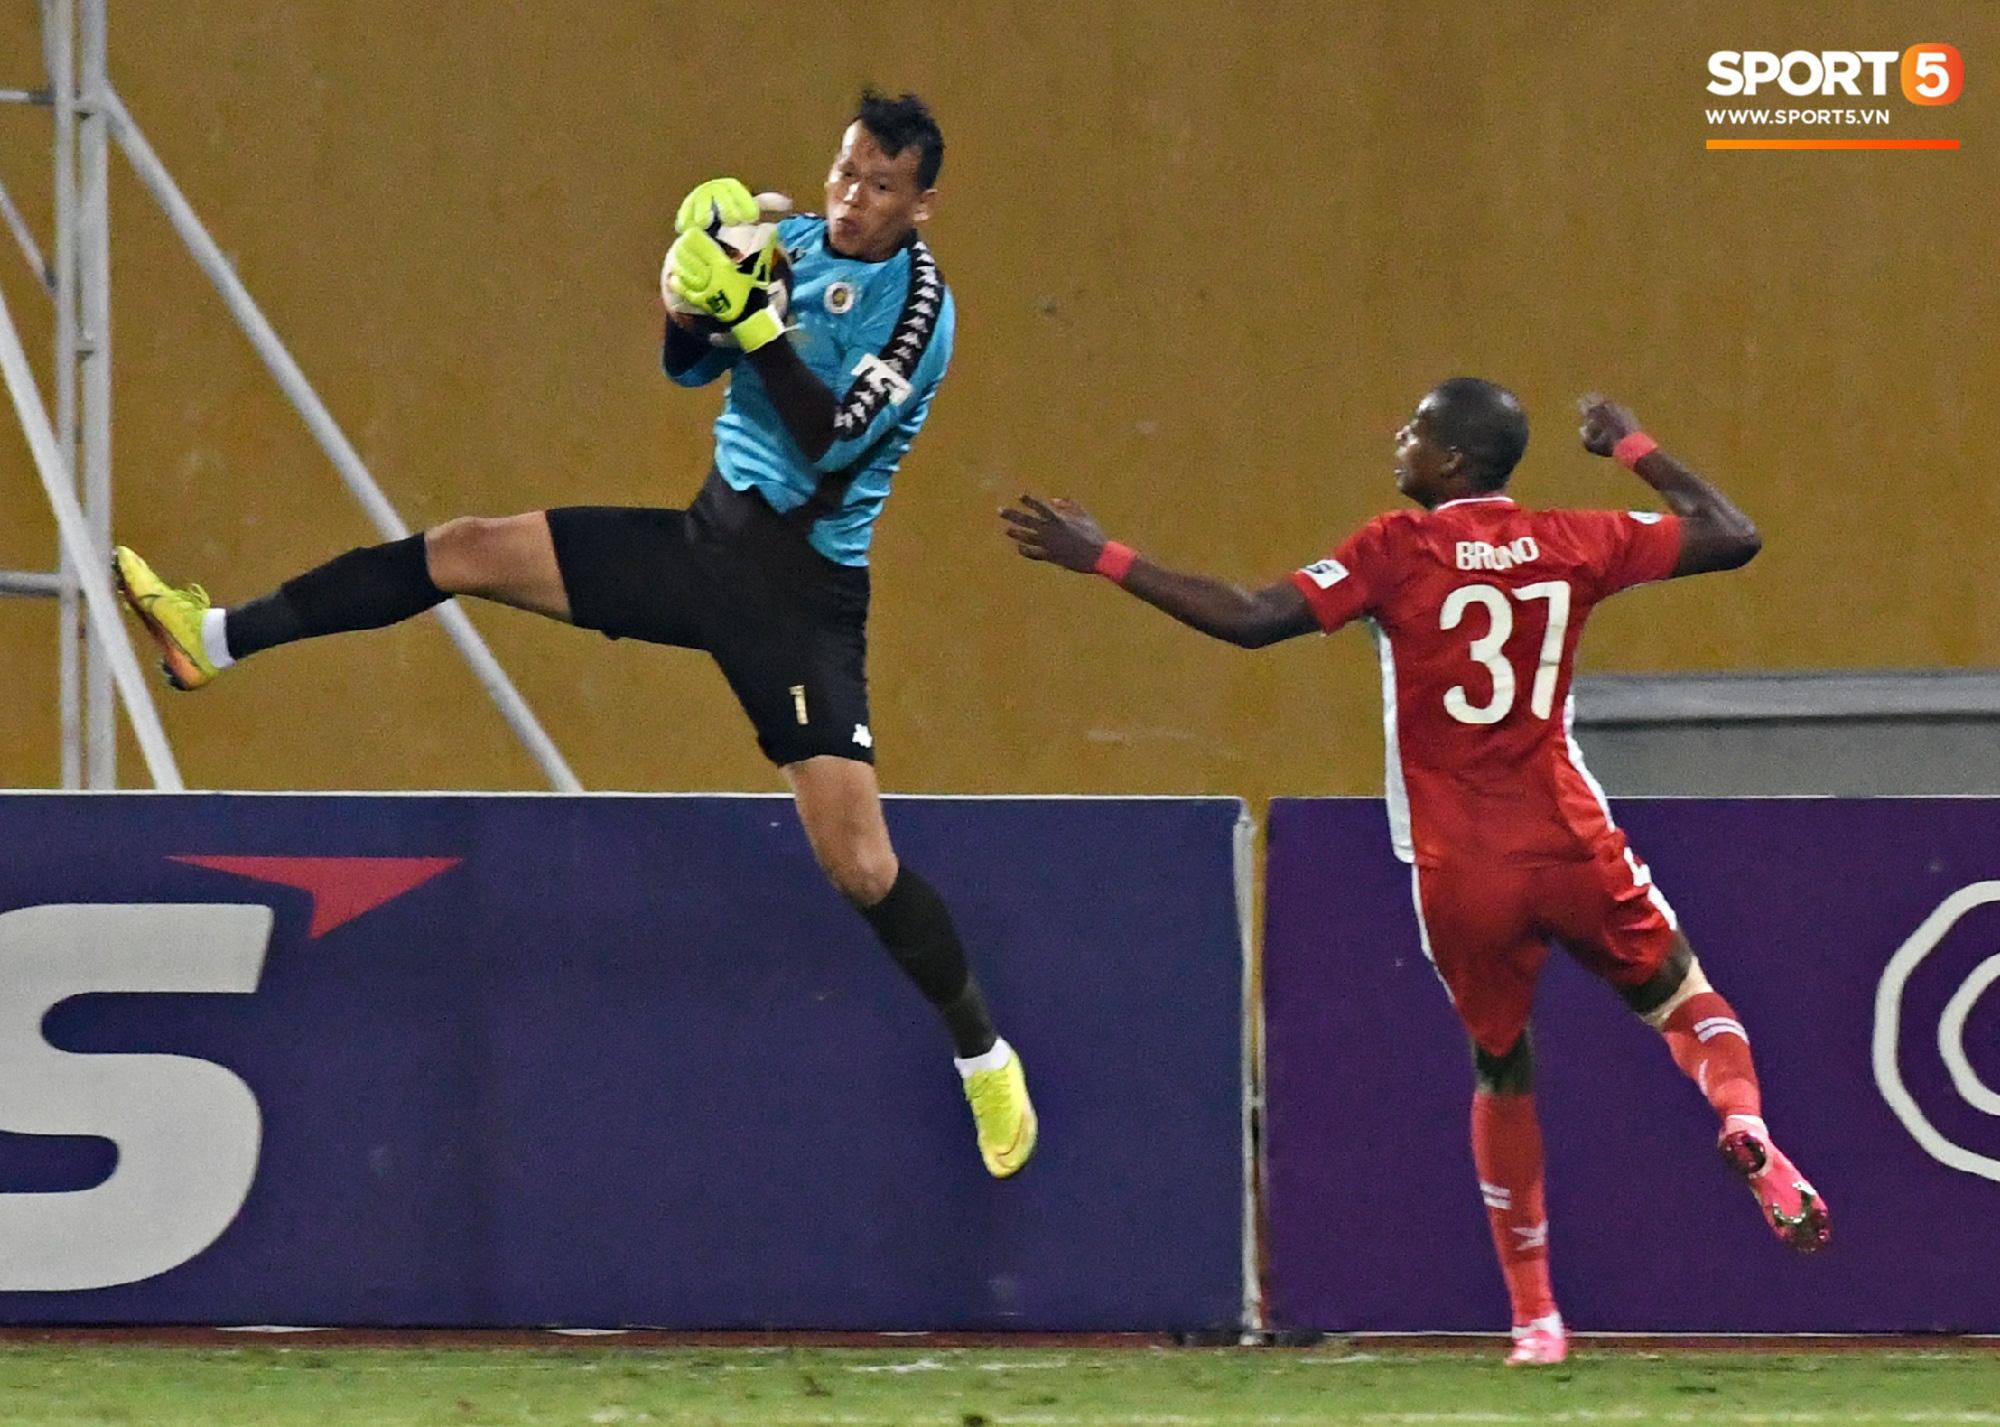 Quang Hải biểu diễn kỹ năng đỡ bóng không cần nhìn cực điệu nghệ, đi bóng khiến hàng thủ Viettel FC hỗn loạn - Ảnh 11.